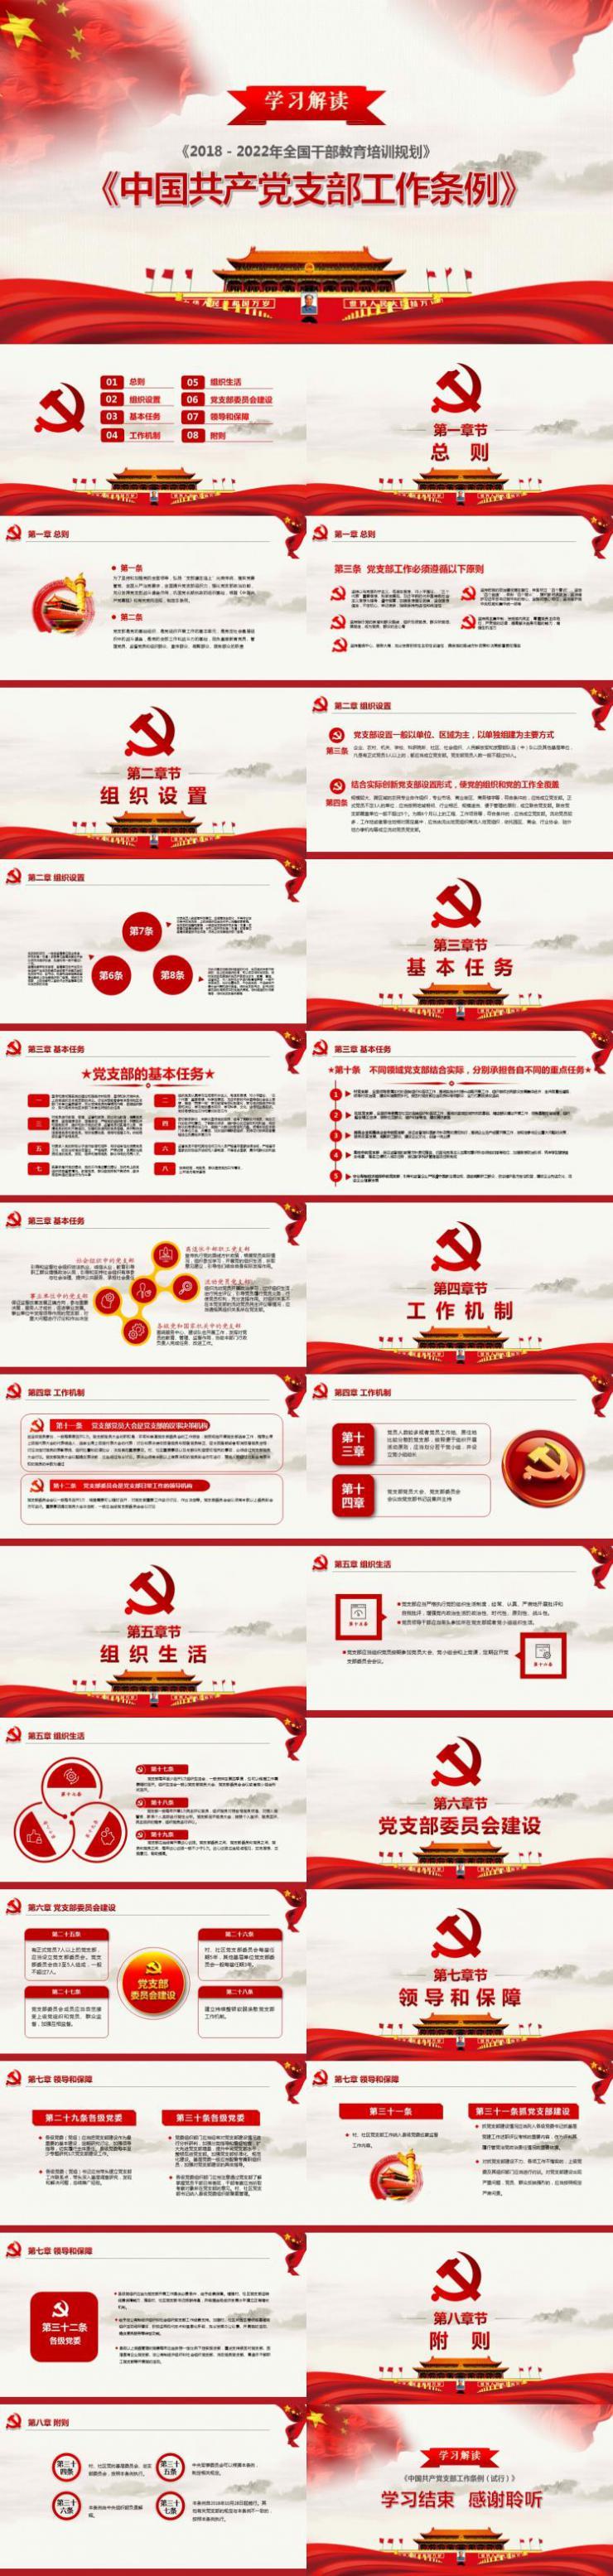 学习解读中国共产党支部工作条例PPT模板